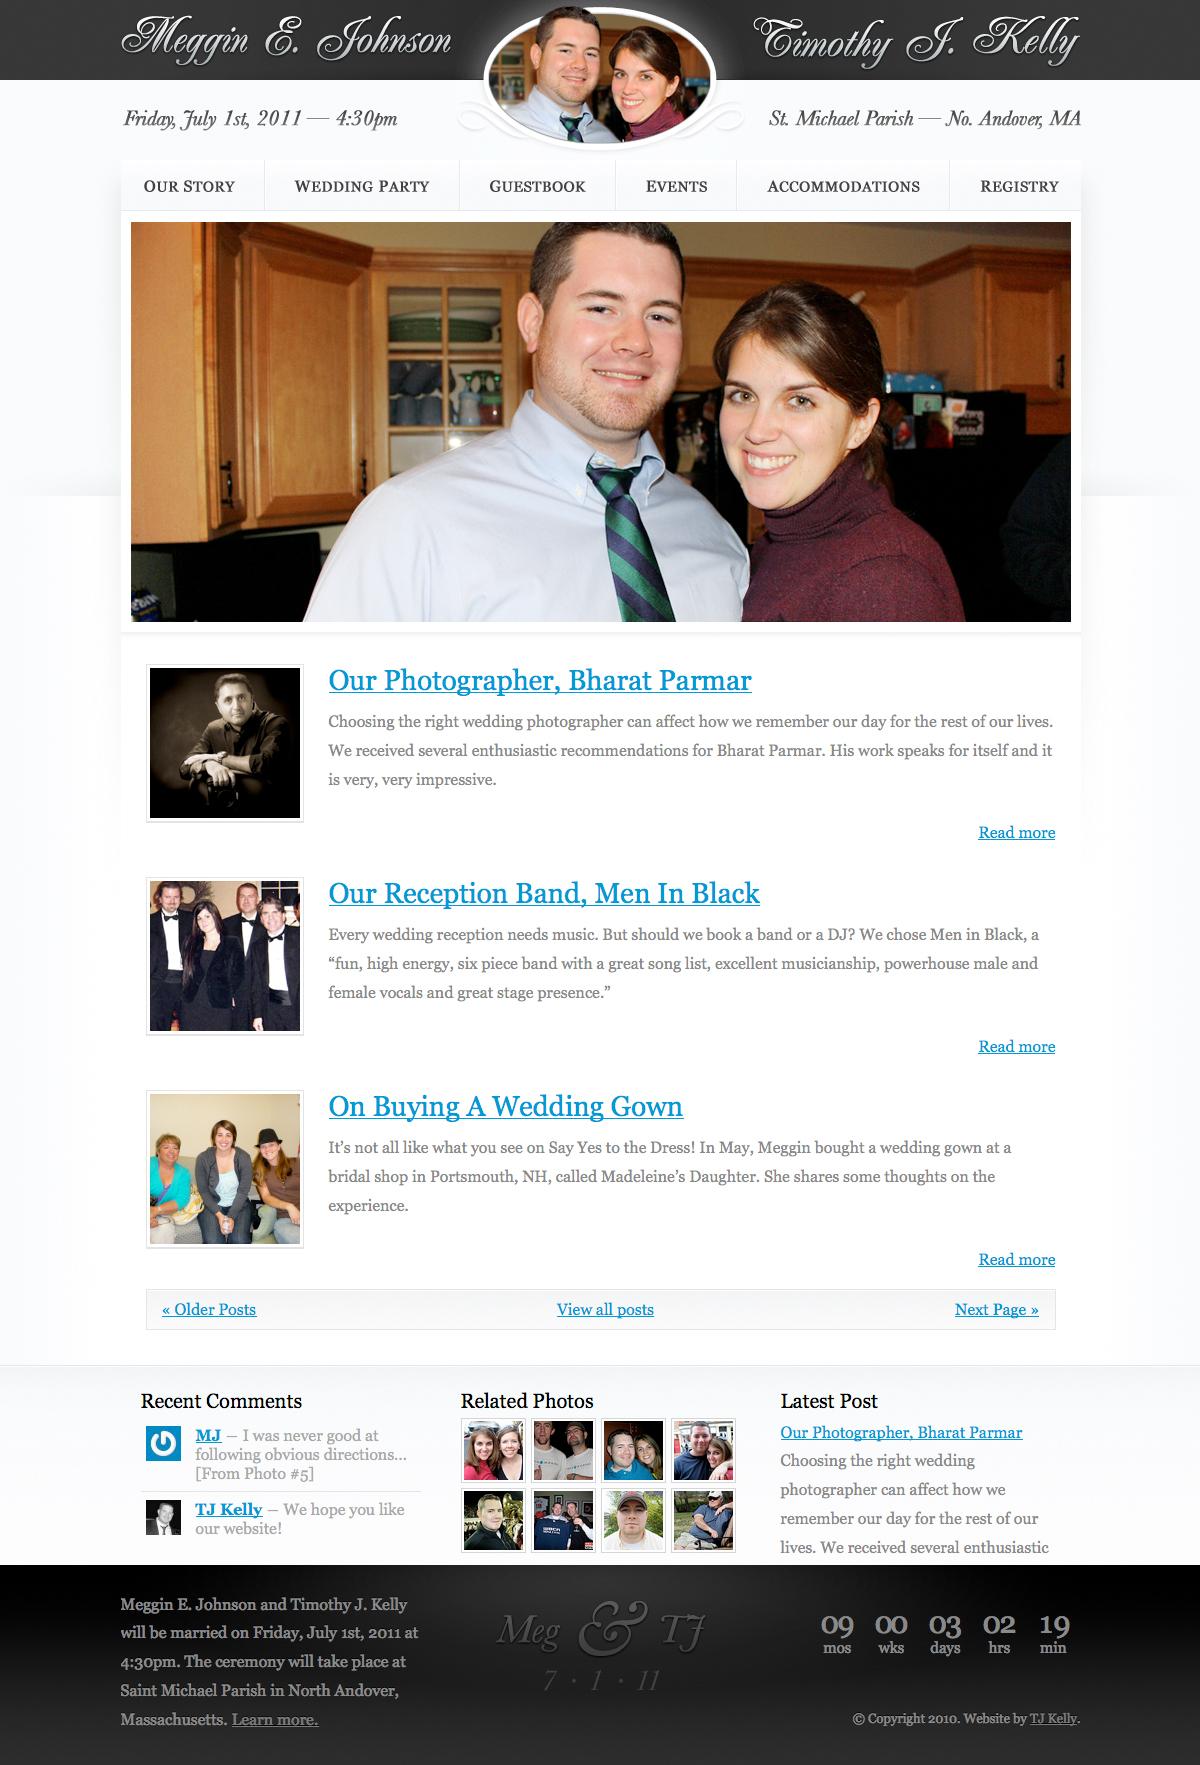 A screenshot of Meg & TJ's Wedding website.